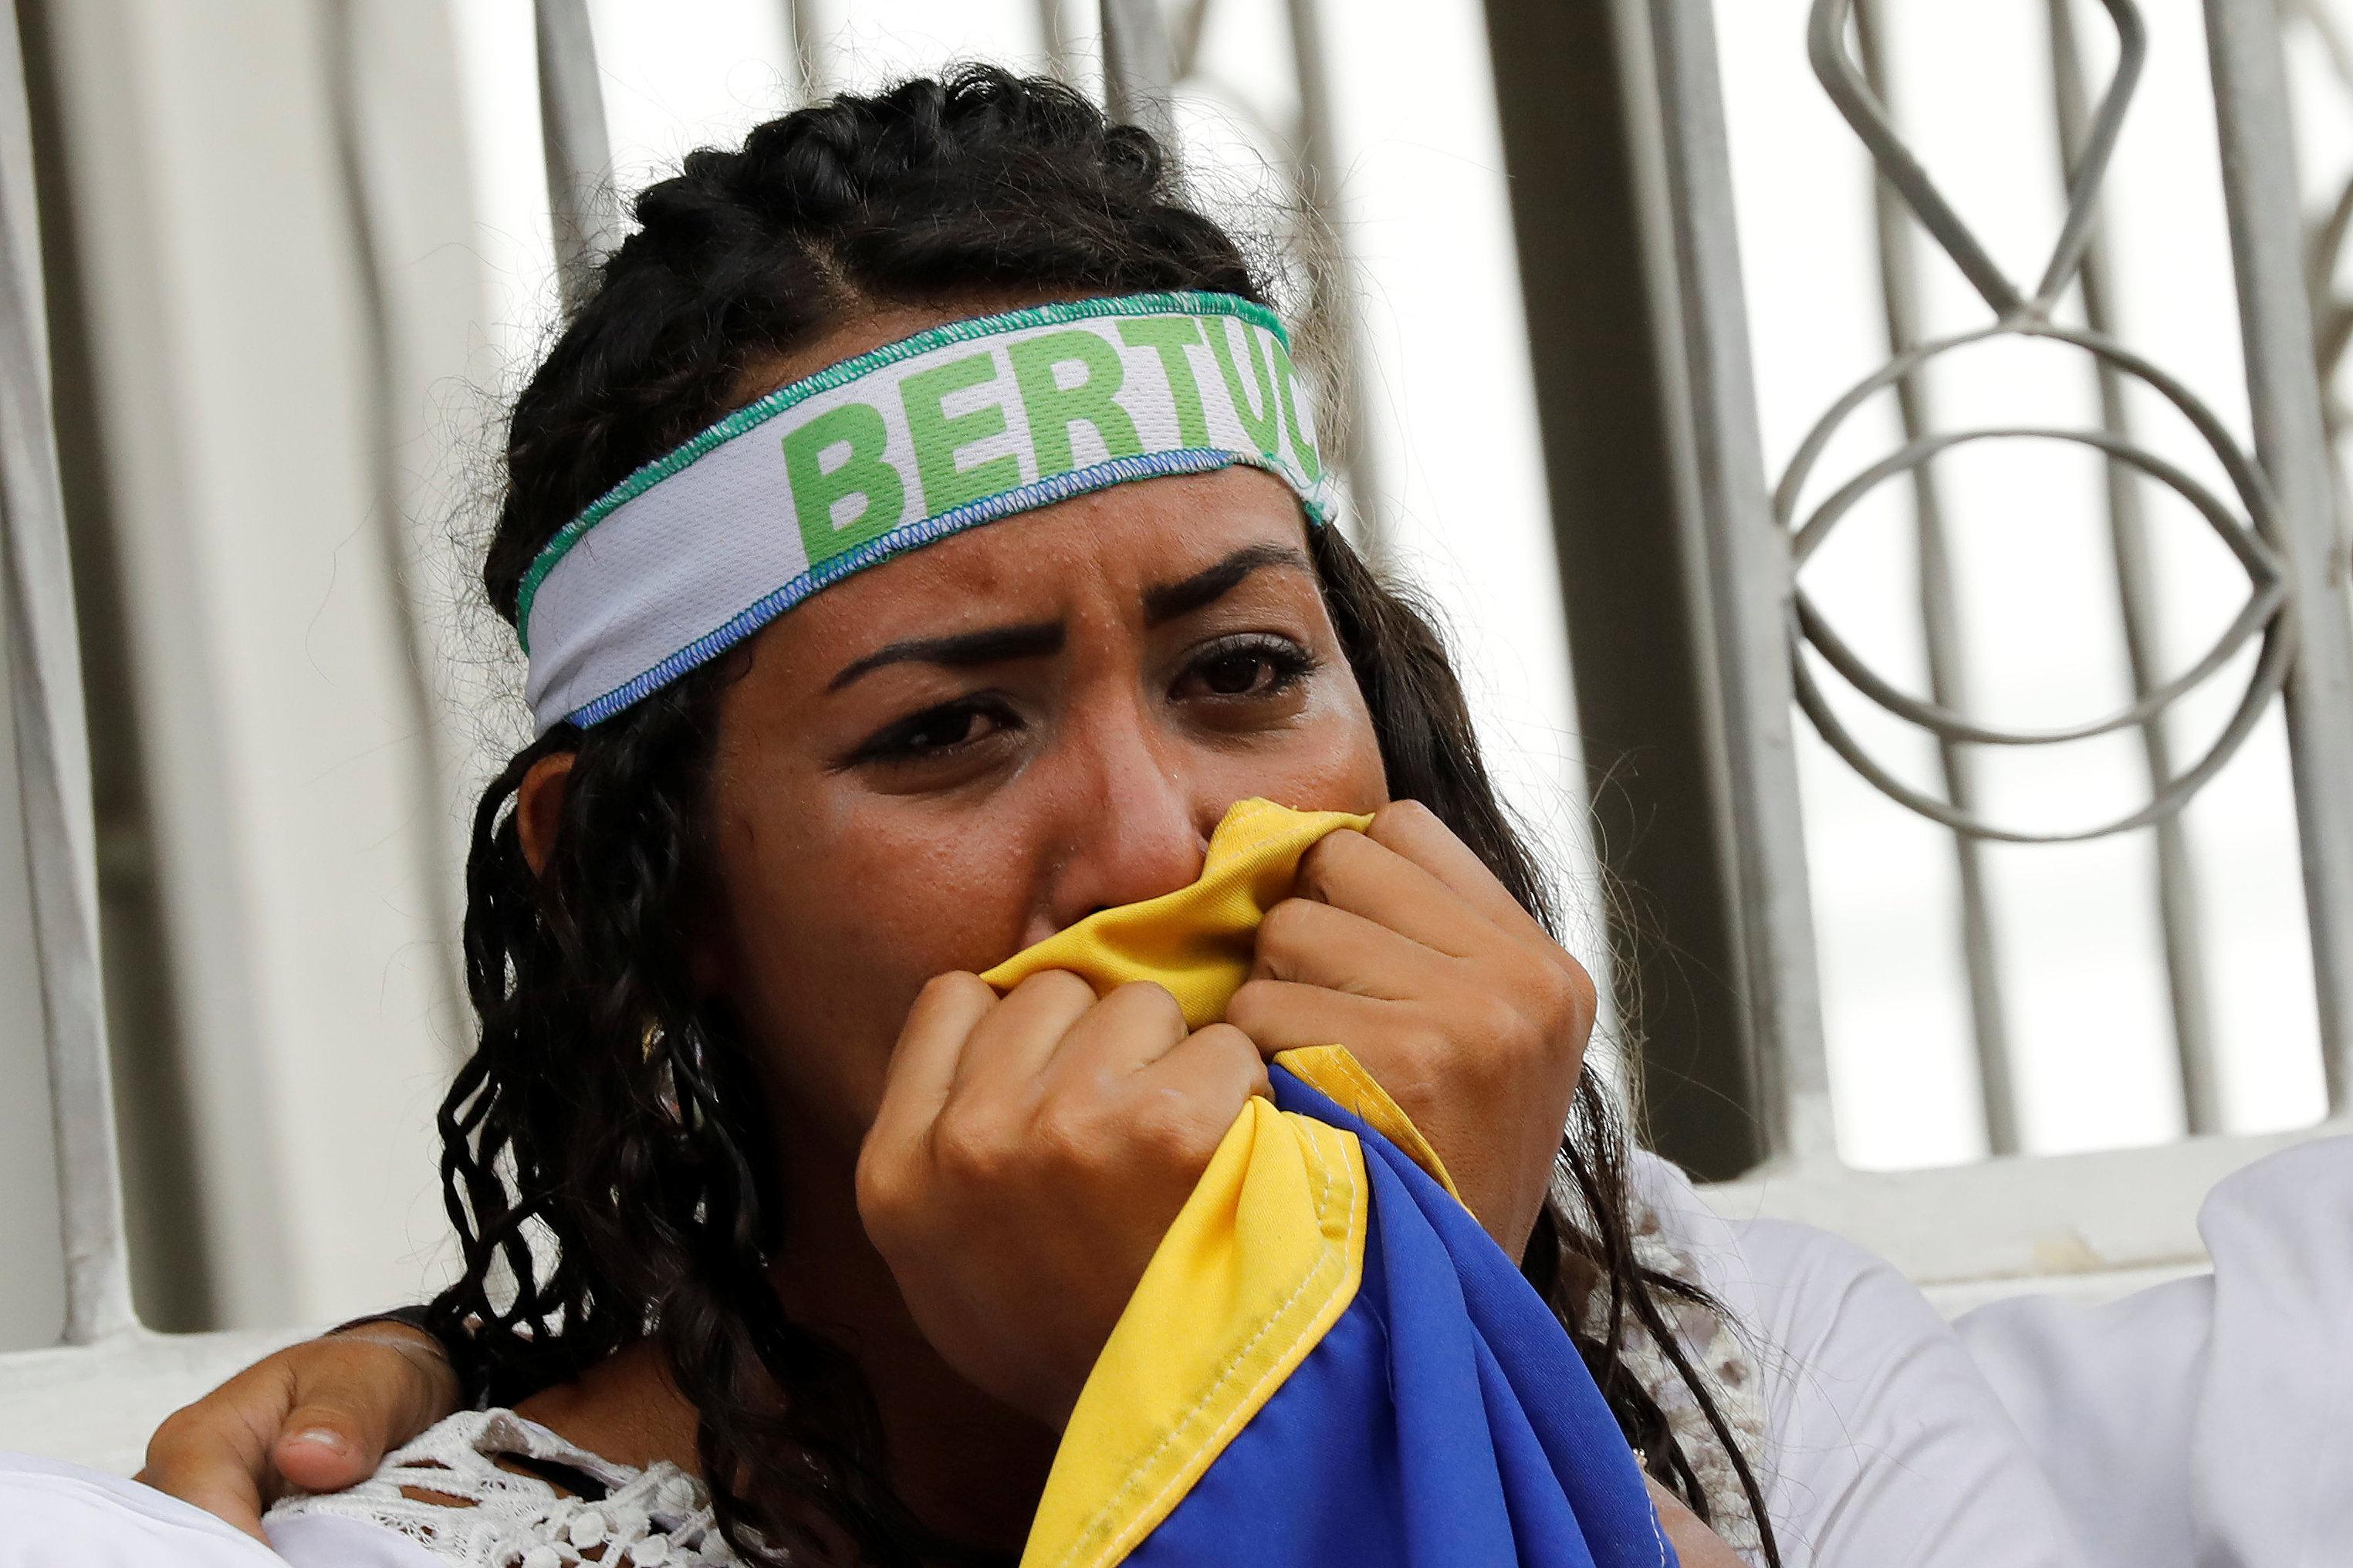 Una militante durante el acto de cierre de campaña (REUTERS/Carlos Jasso)